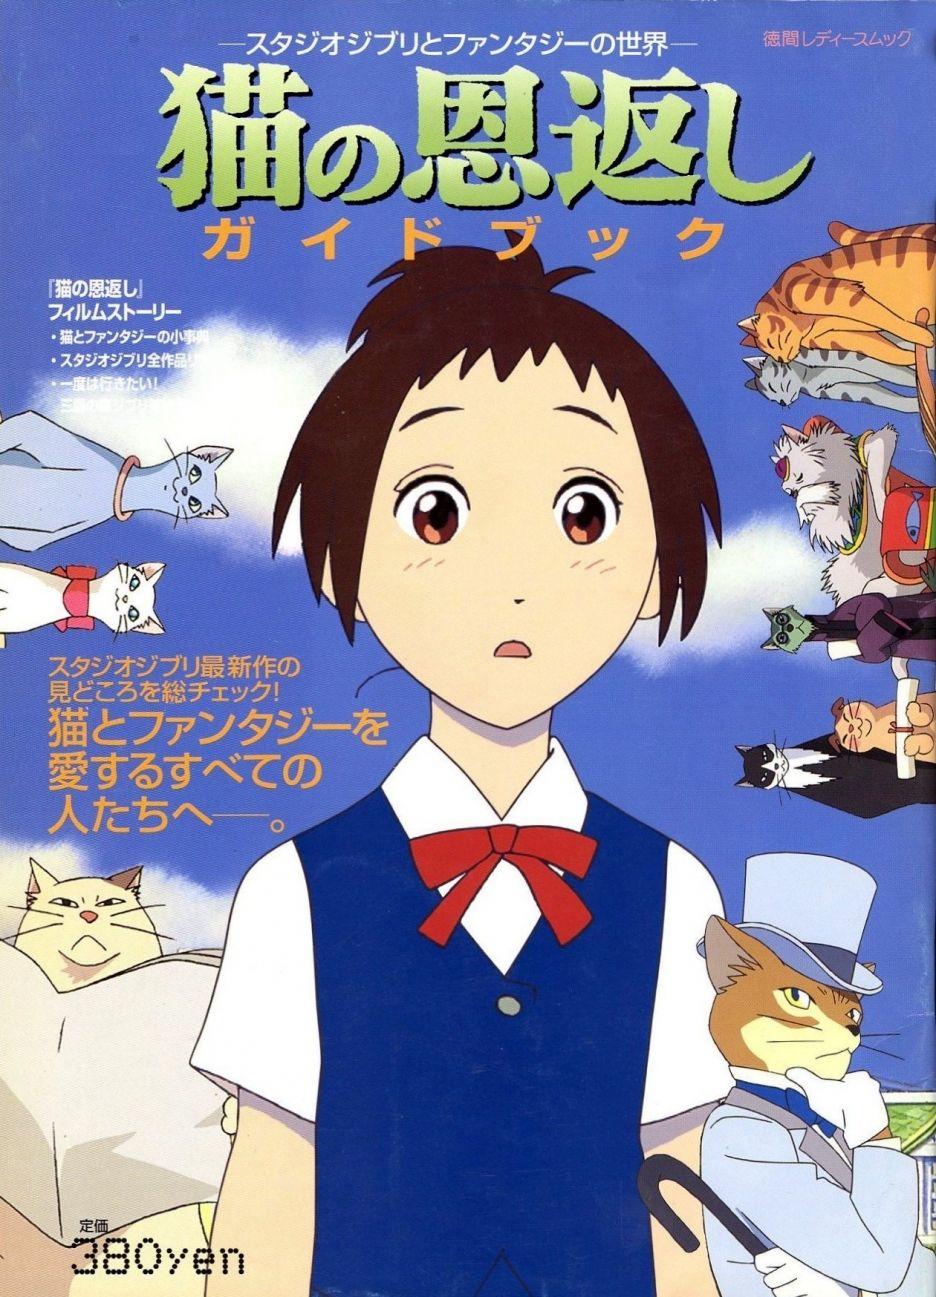 Pin on Studio Ghibli